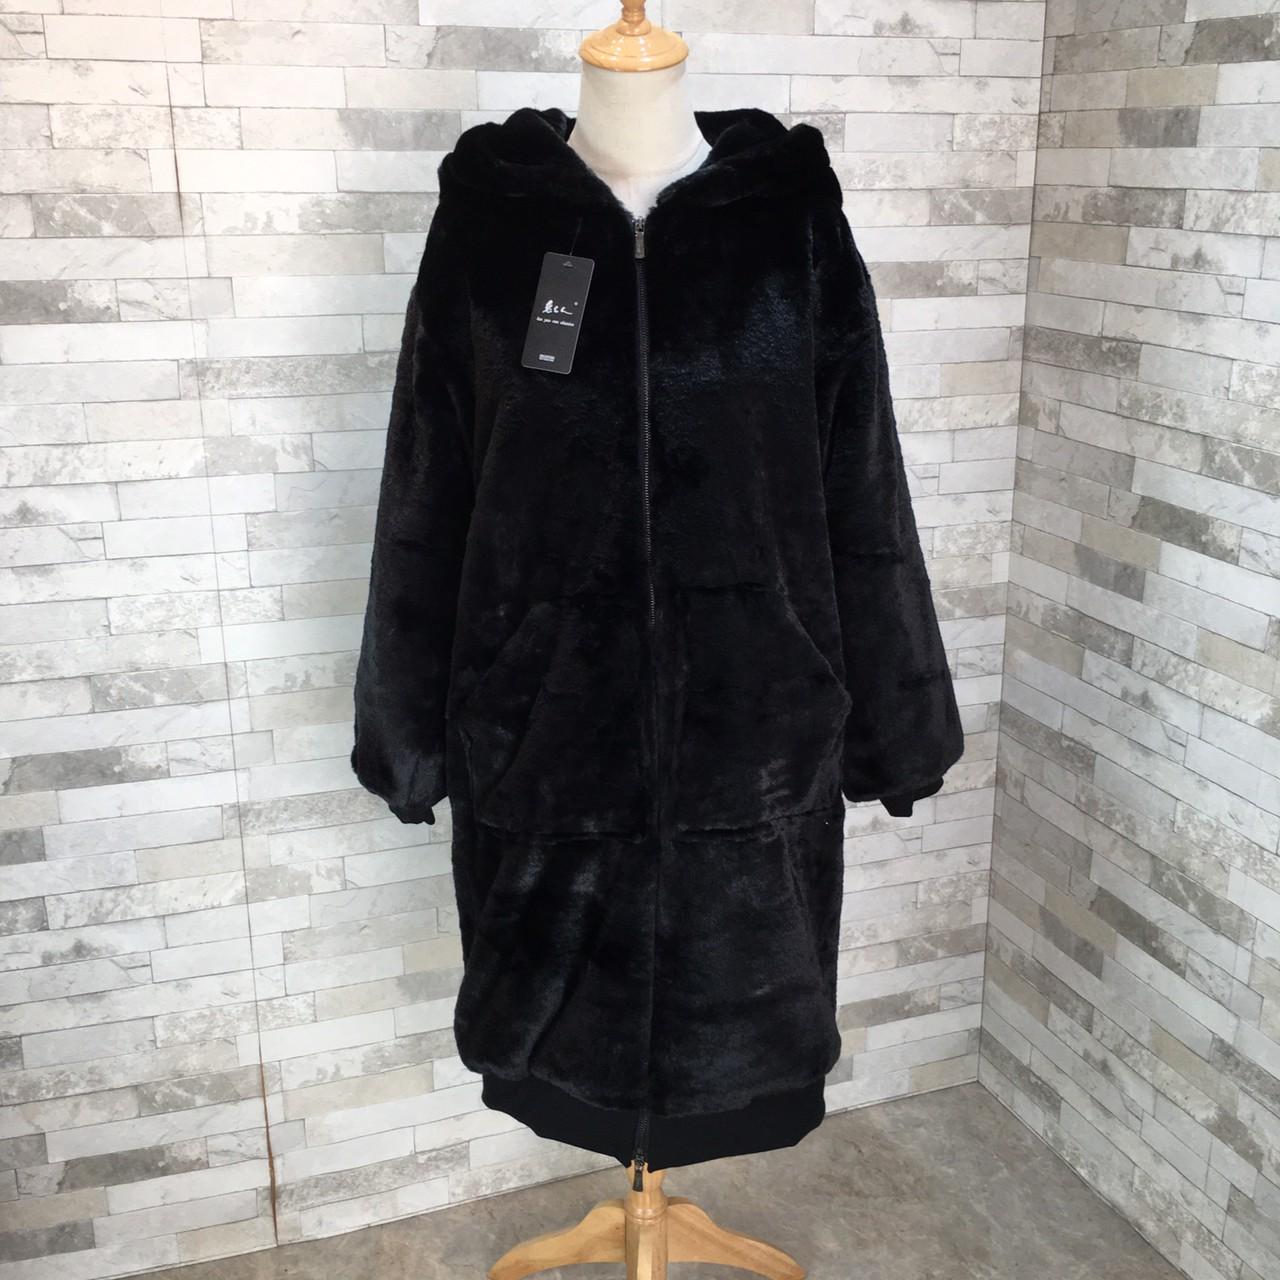 【即納】韓国 ファッション アウター ムートン ファーコート 秋 冬 カジュアル SPTXC599  もこもこ ふわふわ エコファー パーカー オーバーサイズ フ オルチャン シンプル 定番 セレカジの写真10枚目